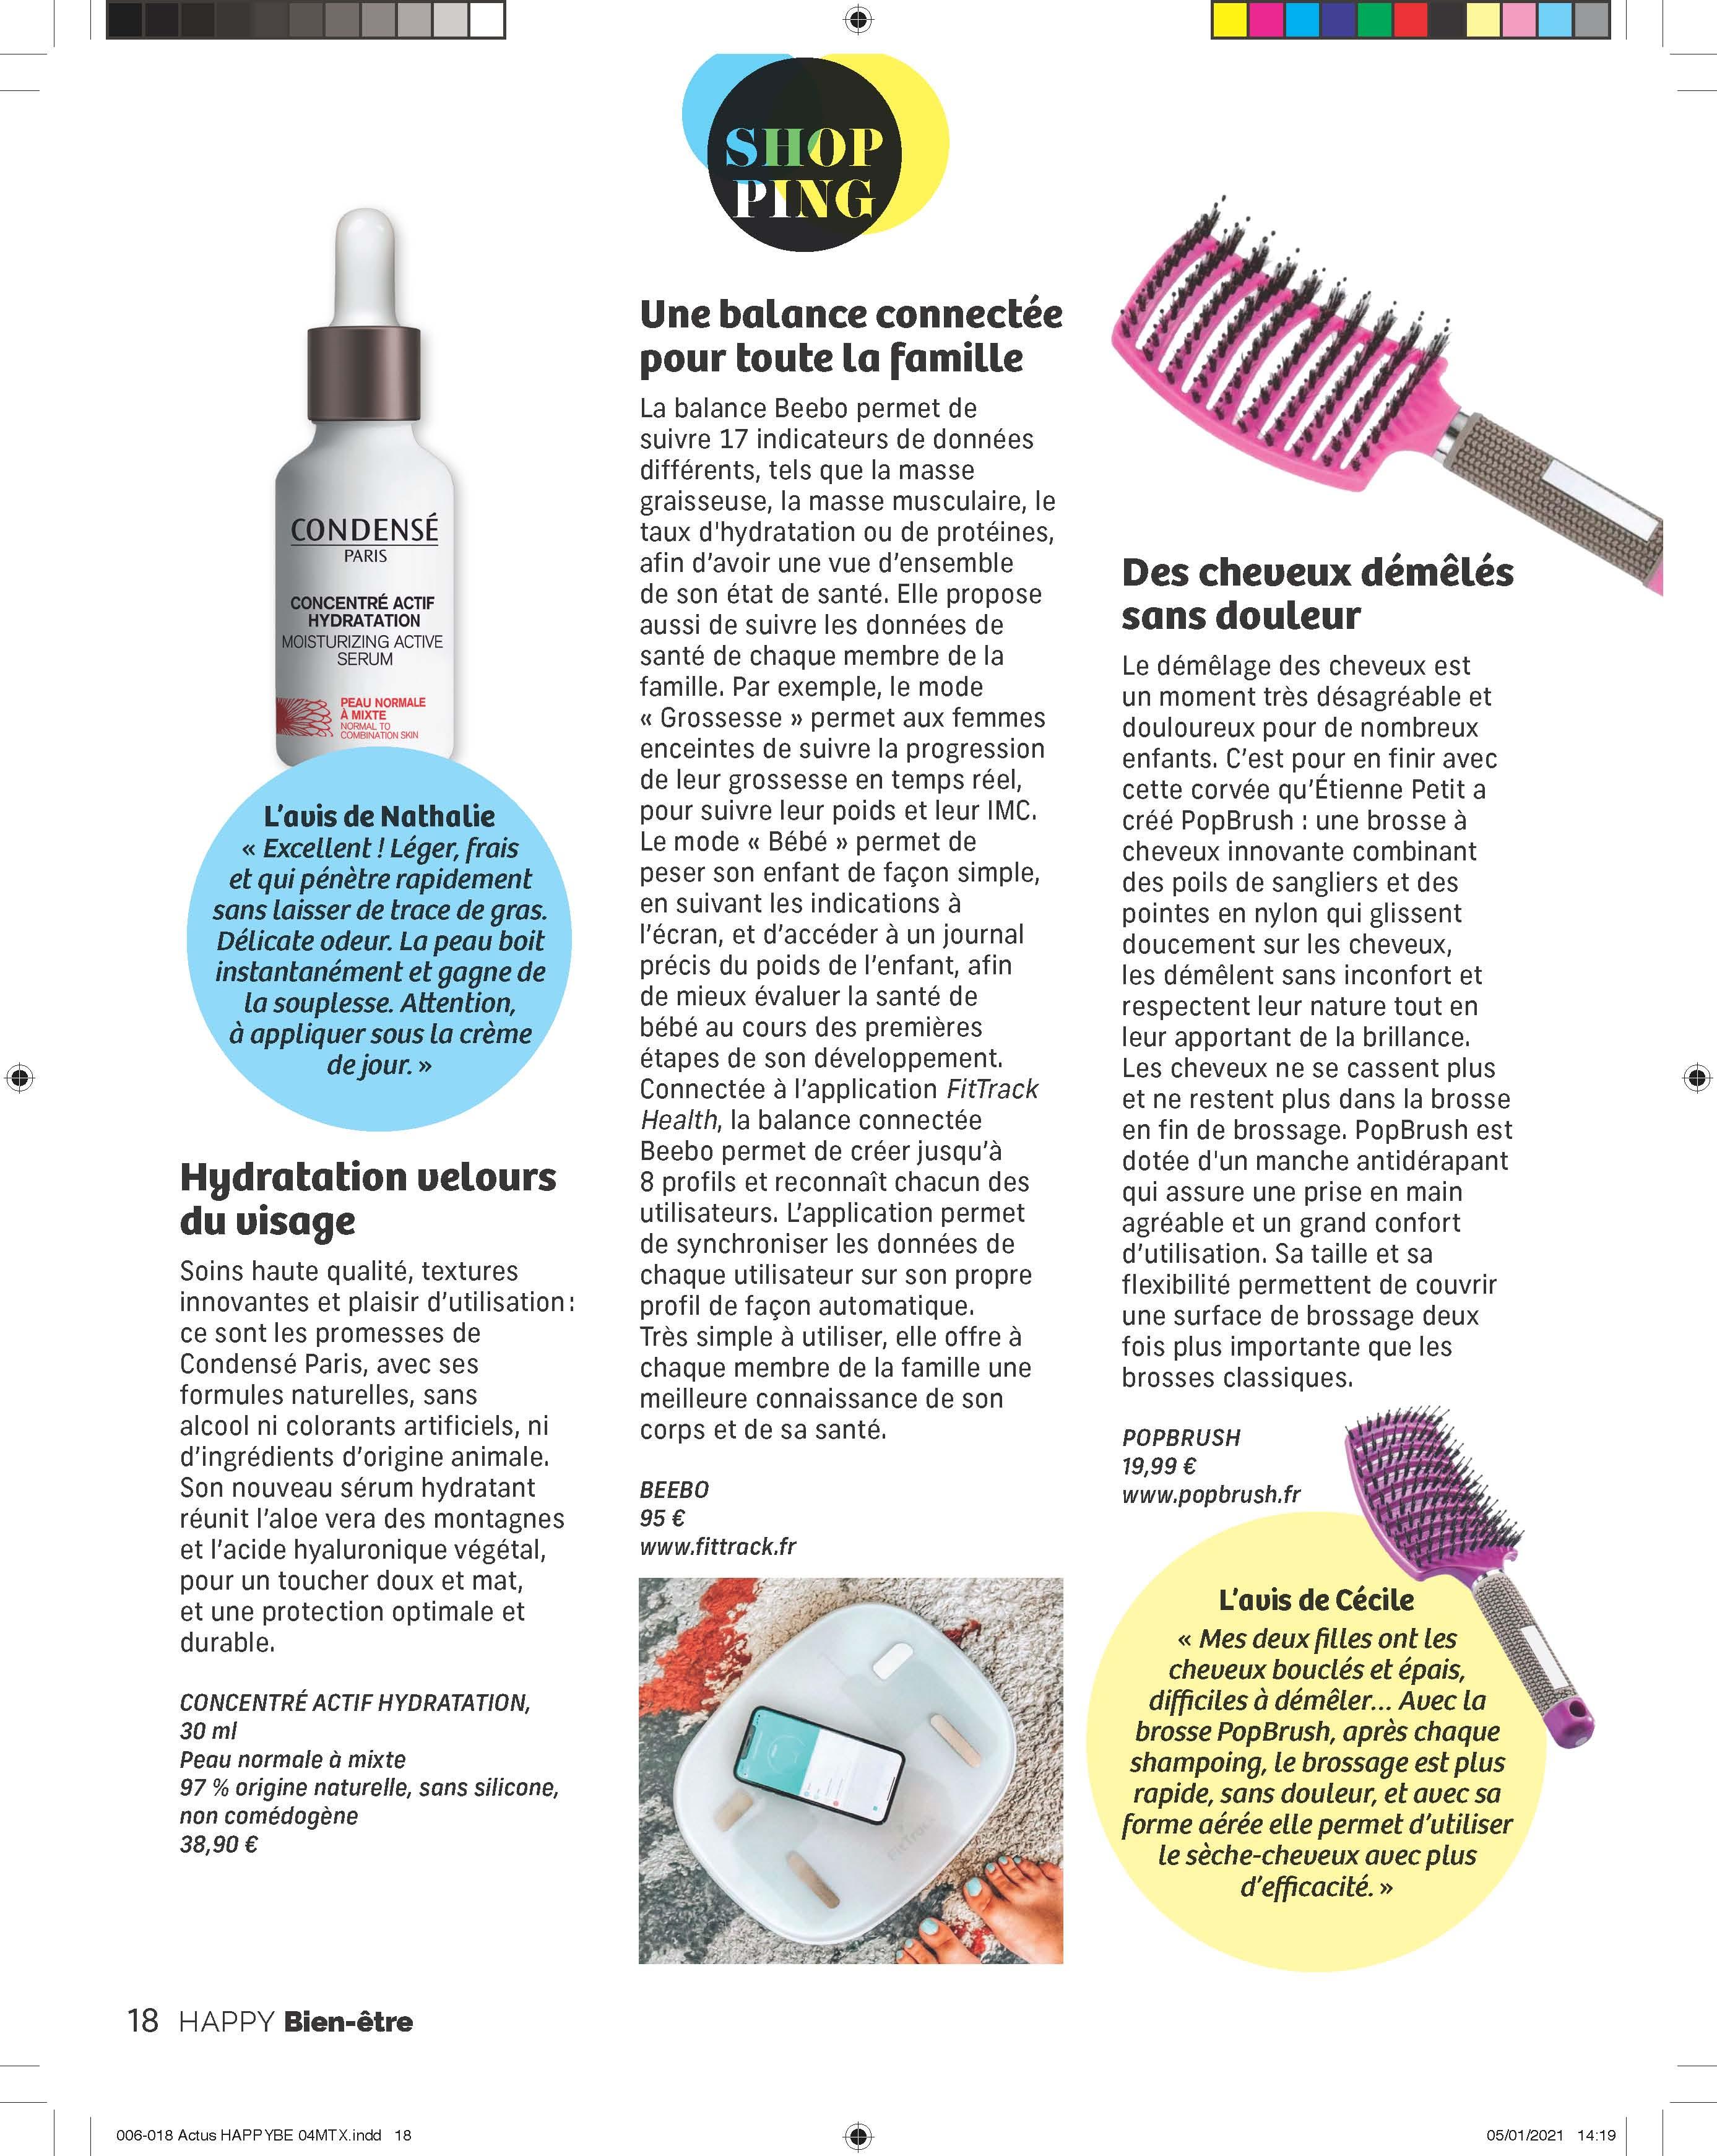 Parution magazine HAPPY BIEN-ÊTRE Page Shopping : Des cheveux démêlés sans douleur